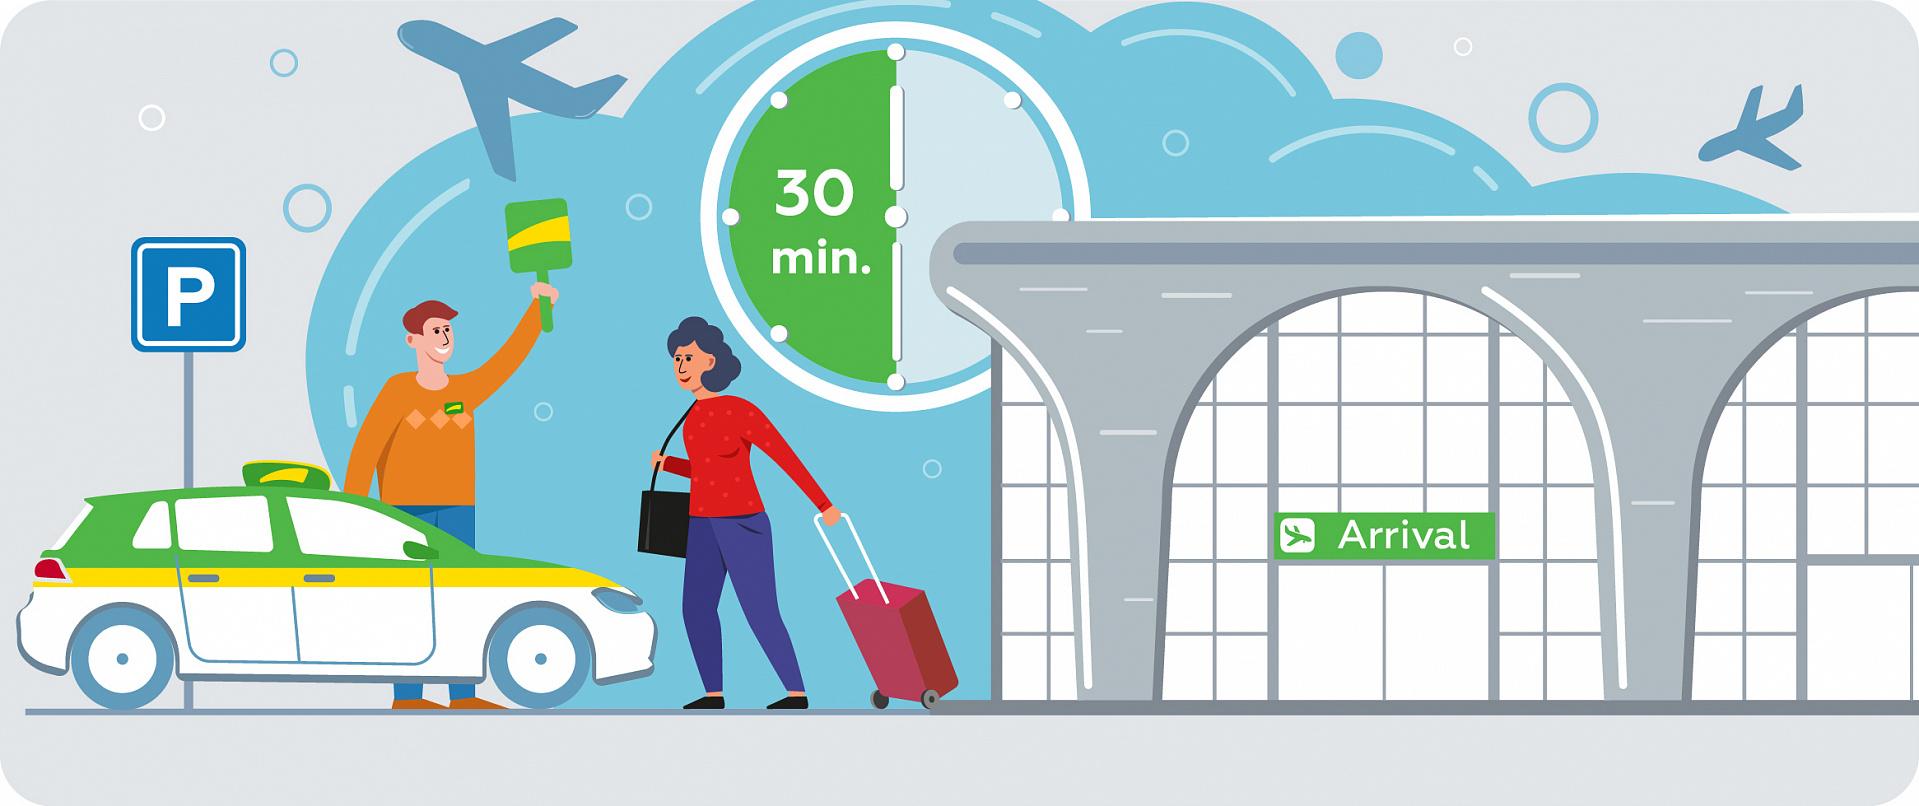 Бесплатное ожидание в аэропорту